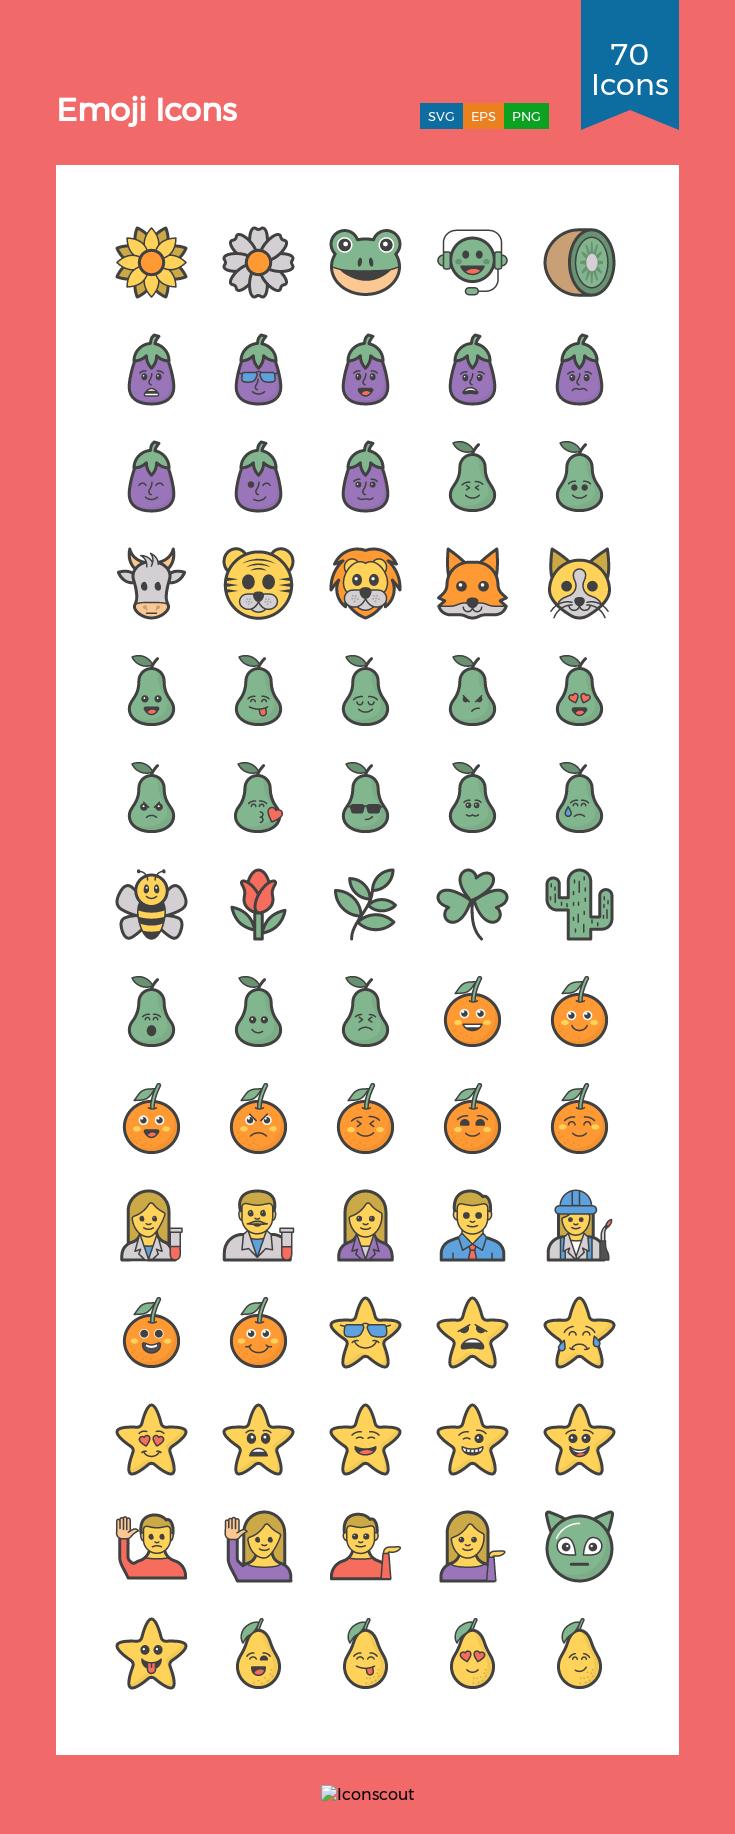 Download Emoji Icons Icon Pack Available In Svg Png Eps Ai Icon Fonts Icon Pack Icon Emoji Icon Un sympathique dessin animé de style face de lion—le grand chat et le roi de la jungle—en regardant droit devant. pinterest